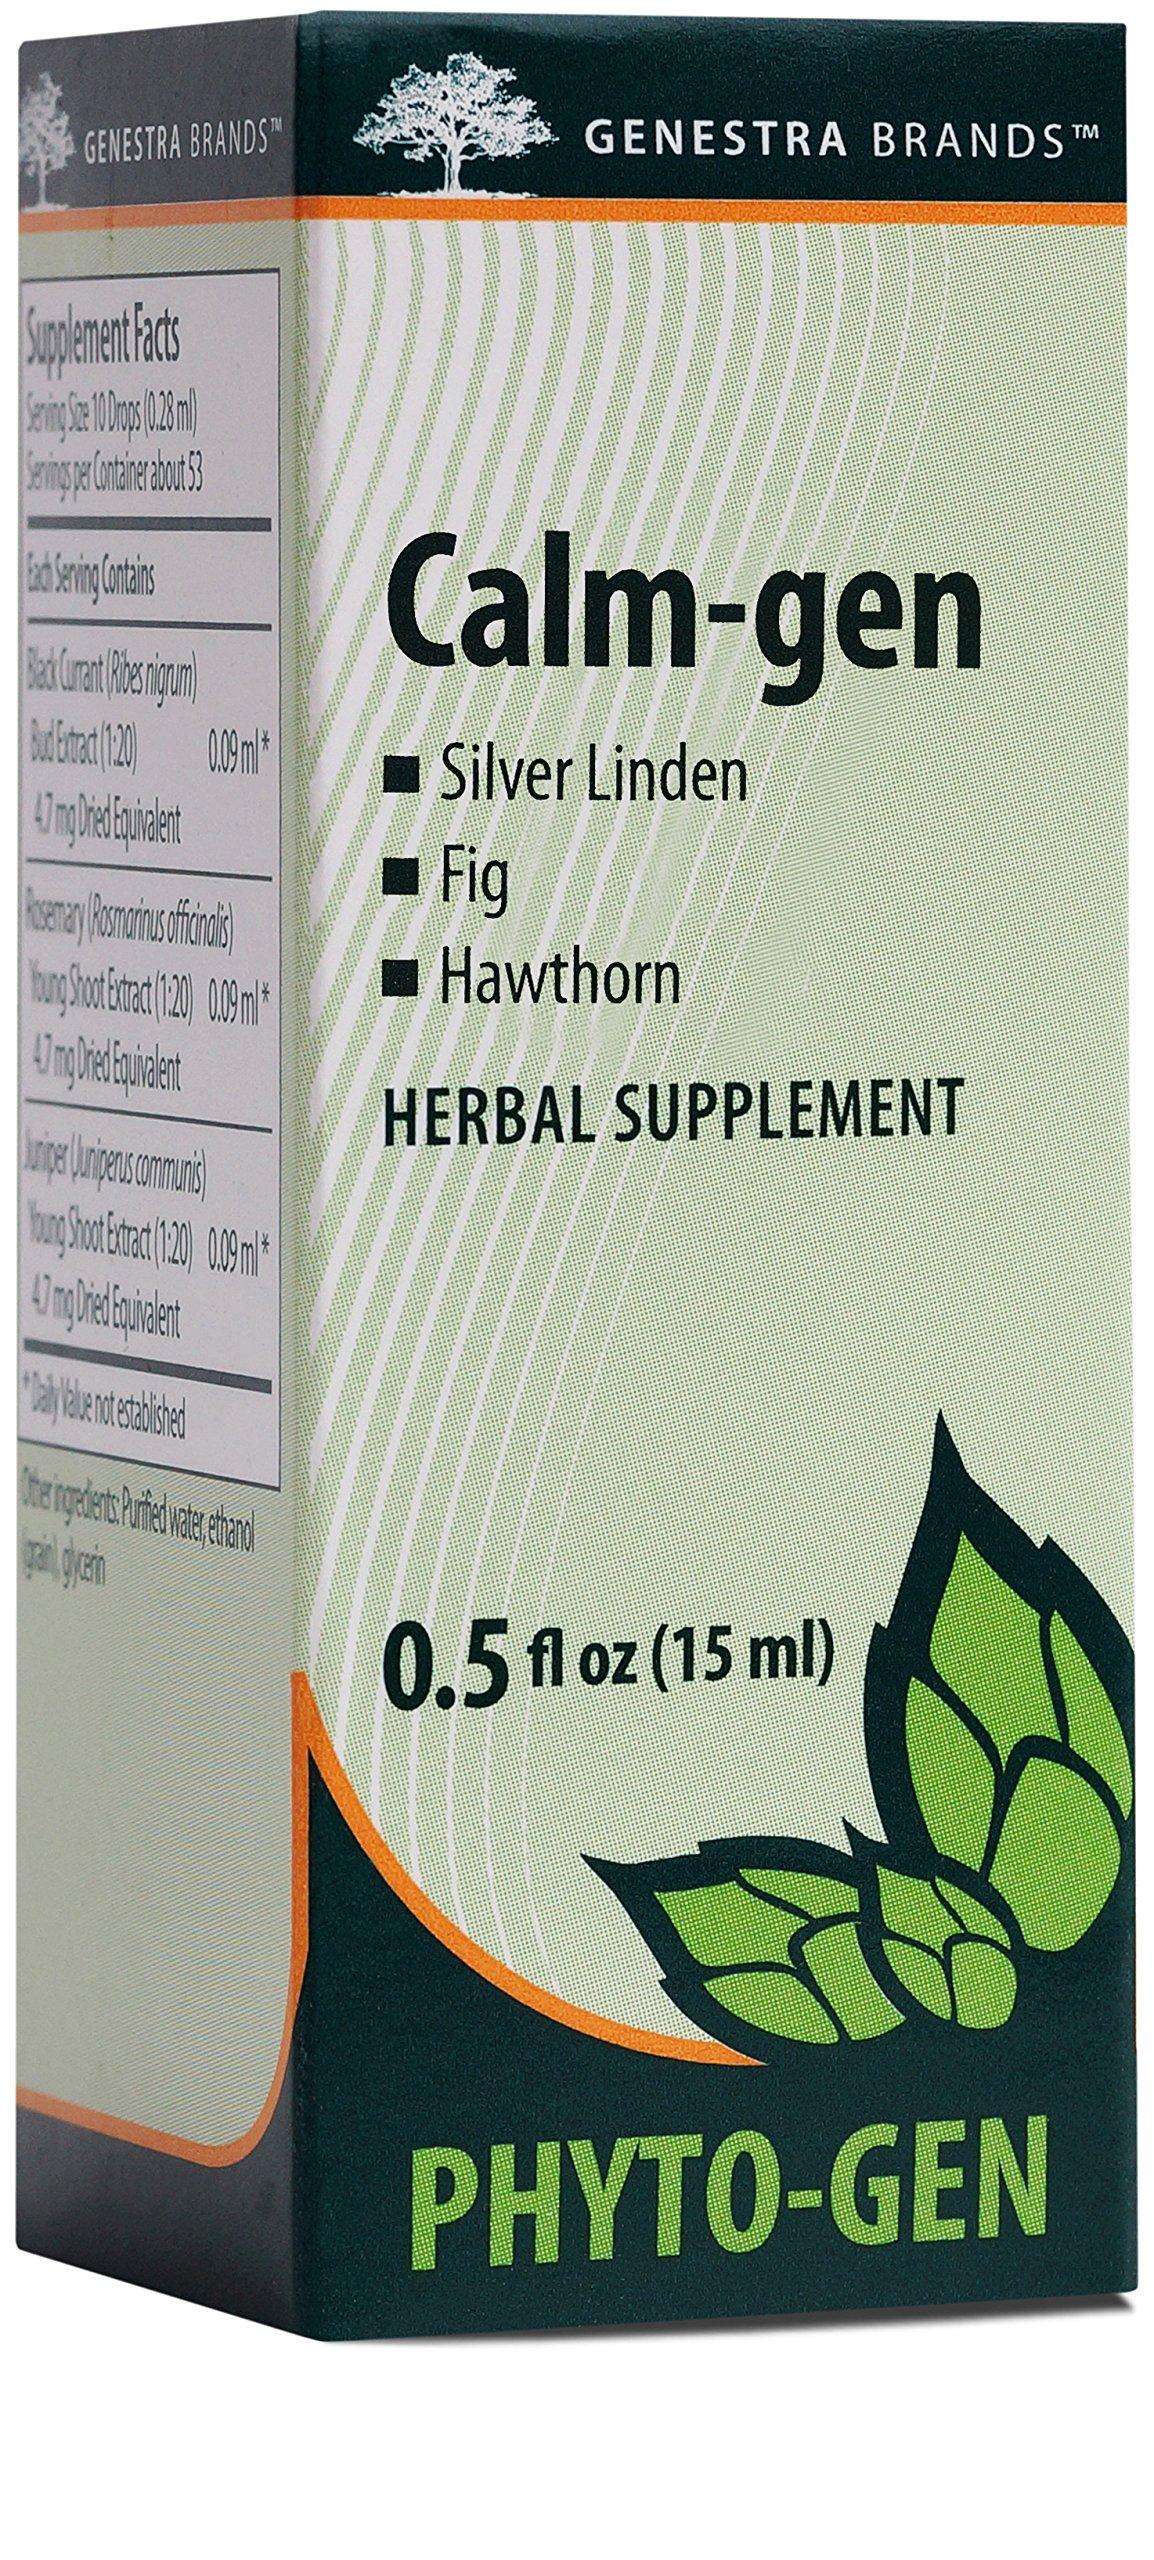 Genestra Brands - Calm-gen - Silver Linden, Fig, and Hawthorn Herbal Supplement - 0.5 fl oz (15 ml)